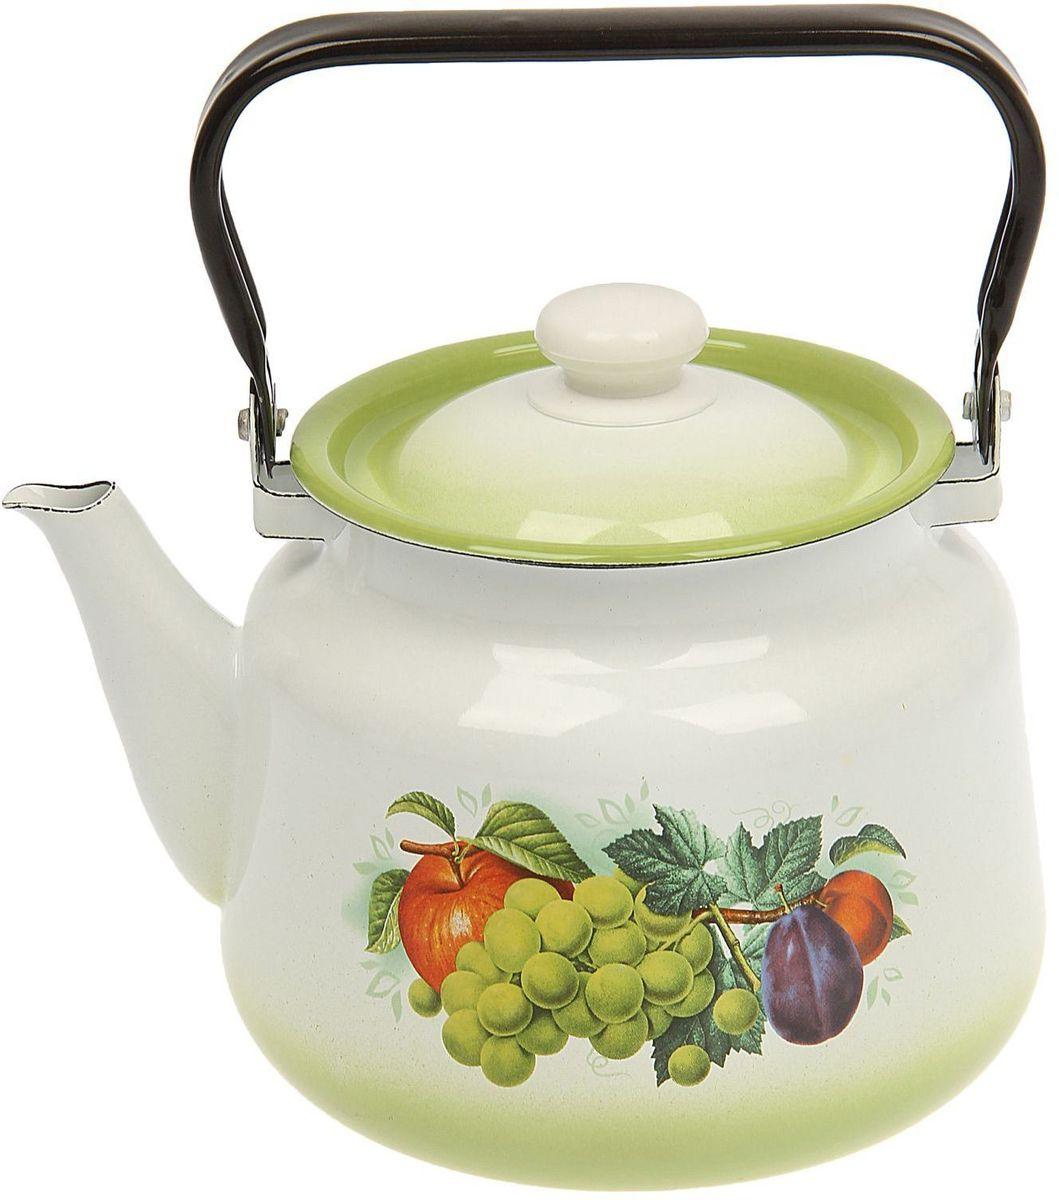 Чайник эмалированный Epos Дары лета, 3,5 лVT-1520(SR)Чайник Epos Дары лета выполнен из высококачественной стали с эмалированным покрытием. Поверхность чайникагладкая, что облегчает уход за ним. Большой объемпозволит приготовить напиток для всей семьи илинебольшой компании. Эстетичный и функциональный чайник будеторигинально смотреться в любом интерьере. Душевная атмосфера и со вкусом накрытый стол всегда будут собирать в вашем доме близких и друзей.Чайник подходит для использования на всех типах плит,включая индукционные. Объем: 3,5 л.